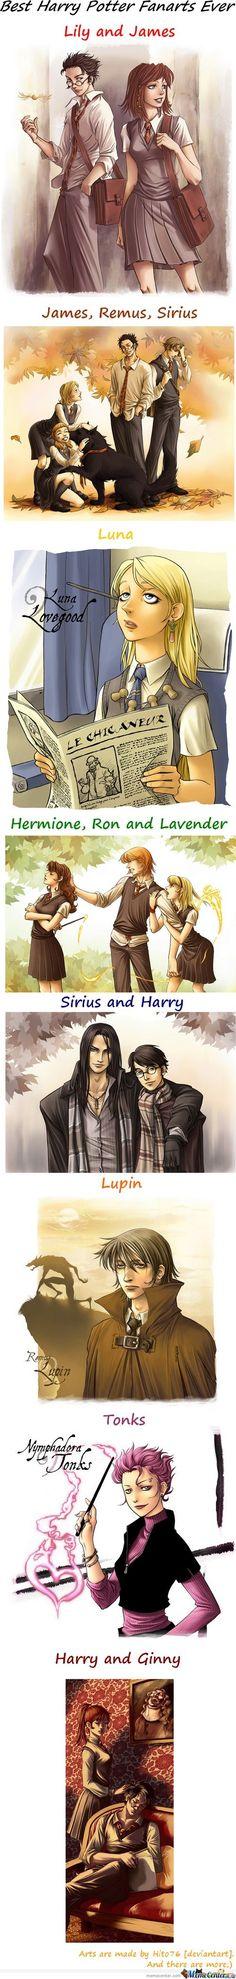 Harry Potter fanarts by Hito76 (deviantart)